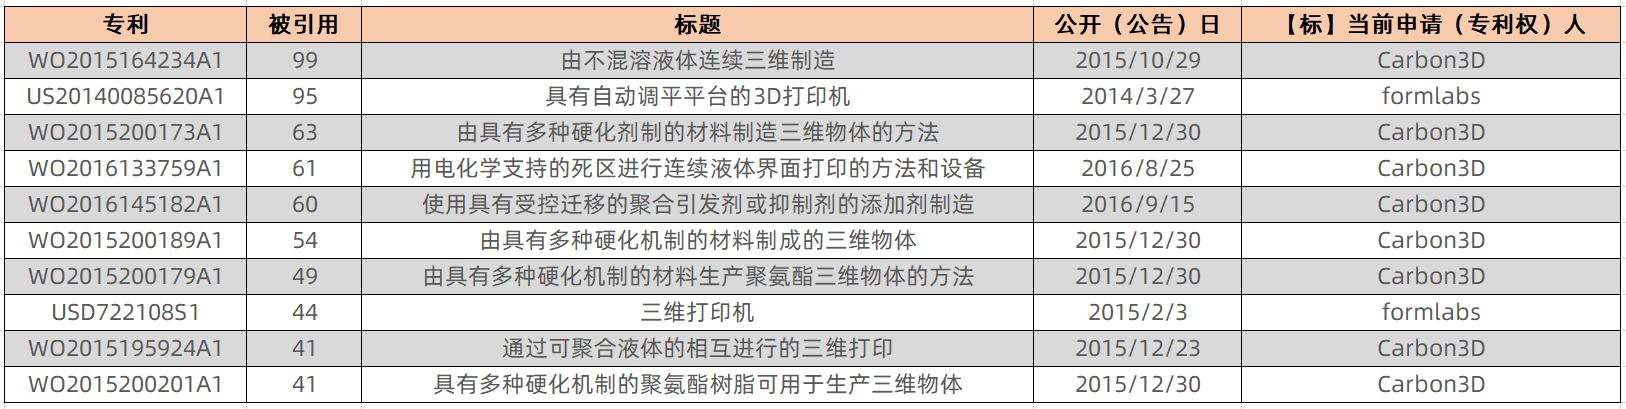 SCRAT3D 浅谈中美光固化3D打印企业专利现状及布局对比,美国【Carbon】【Formlabs】与中国【清锋时代LuxCreo】【博理POLLYPOLYMER】